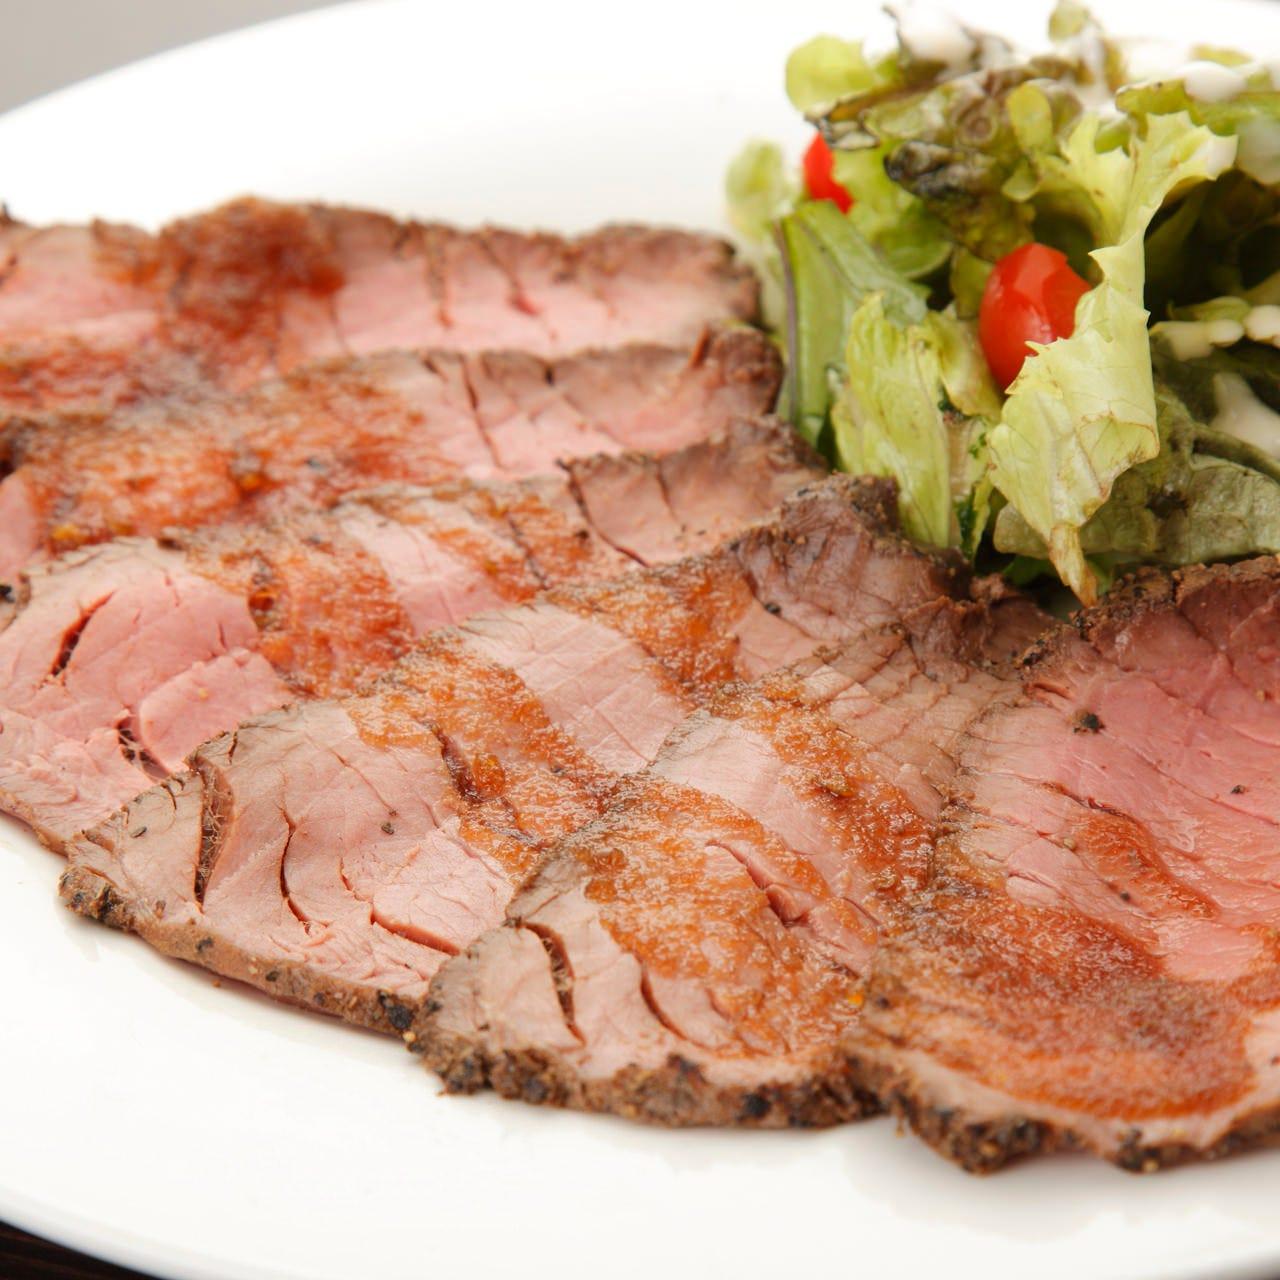 峯屋の自家製ローストビーフを存分に味わえる豪華サラダも♪